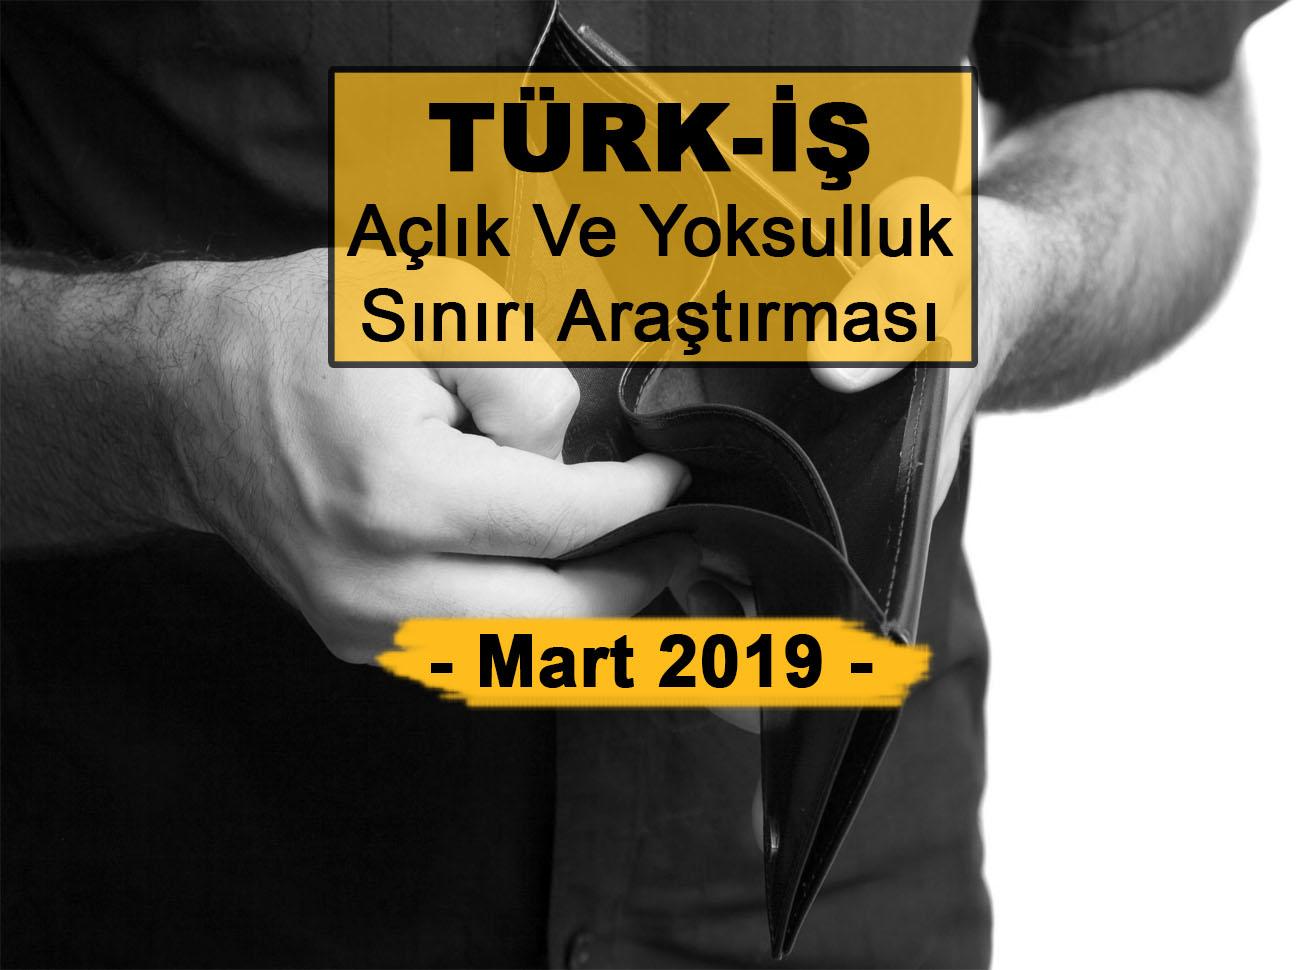 TÜRK-İŞ Açlık Ve Yoksulluk Sınırı Mart 2019